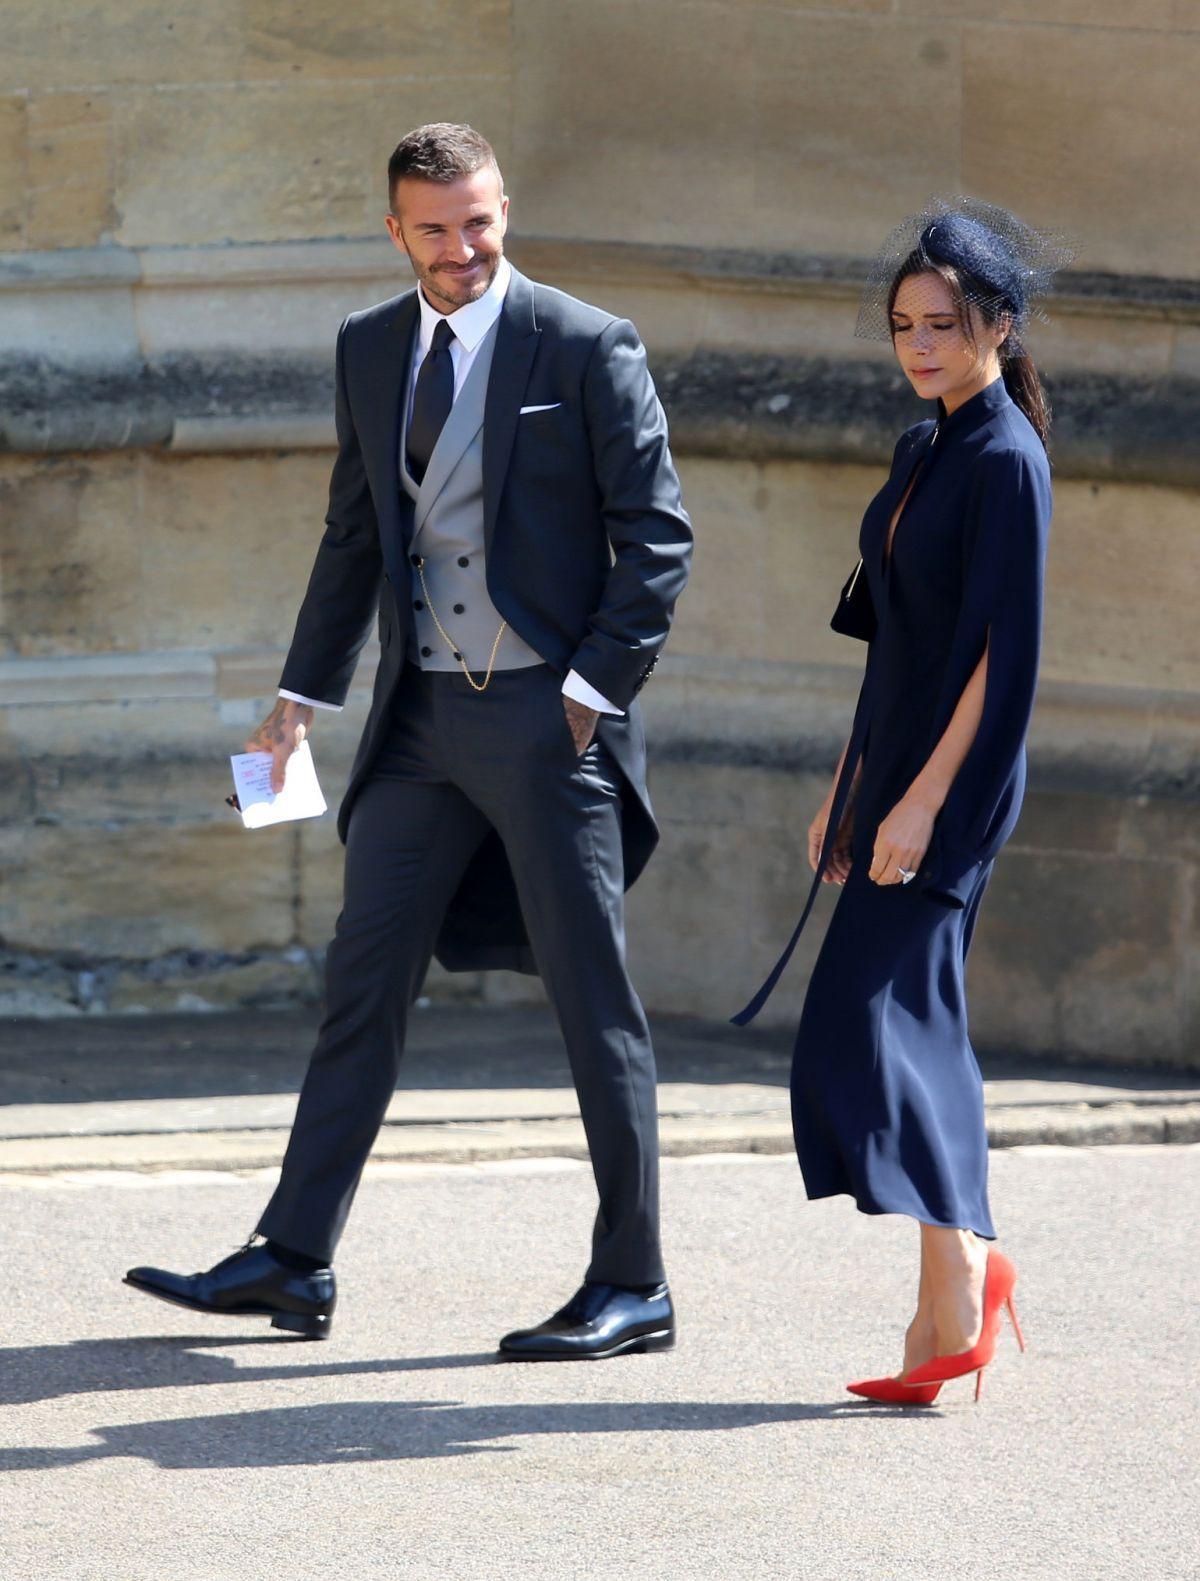 David and Victoria Beckham Royal Wedding at 2018